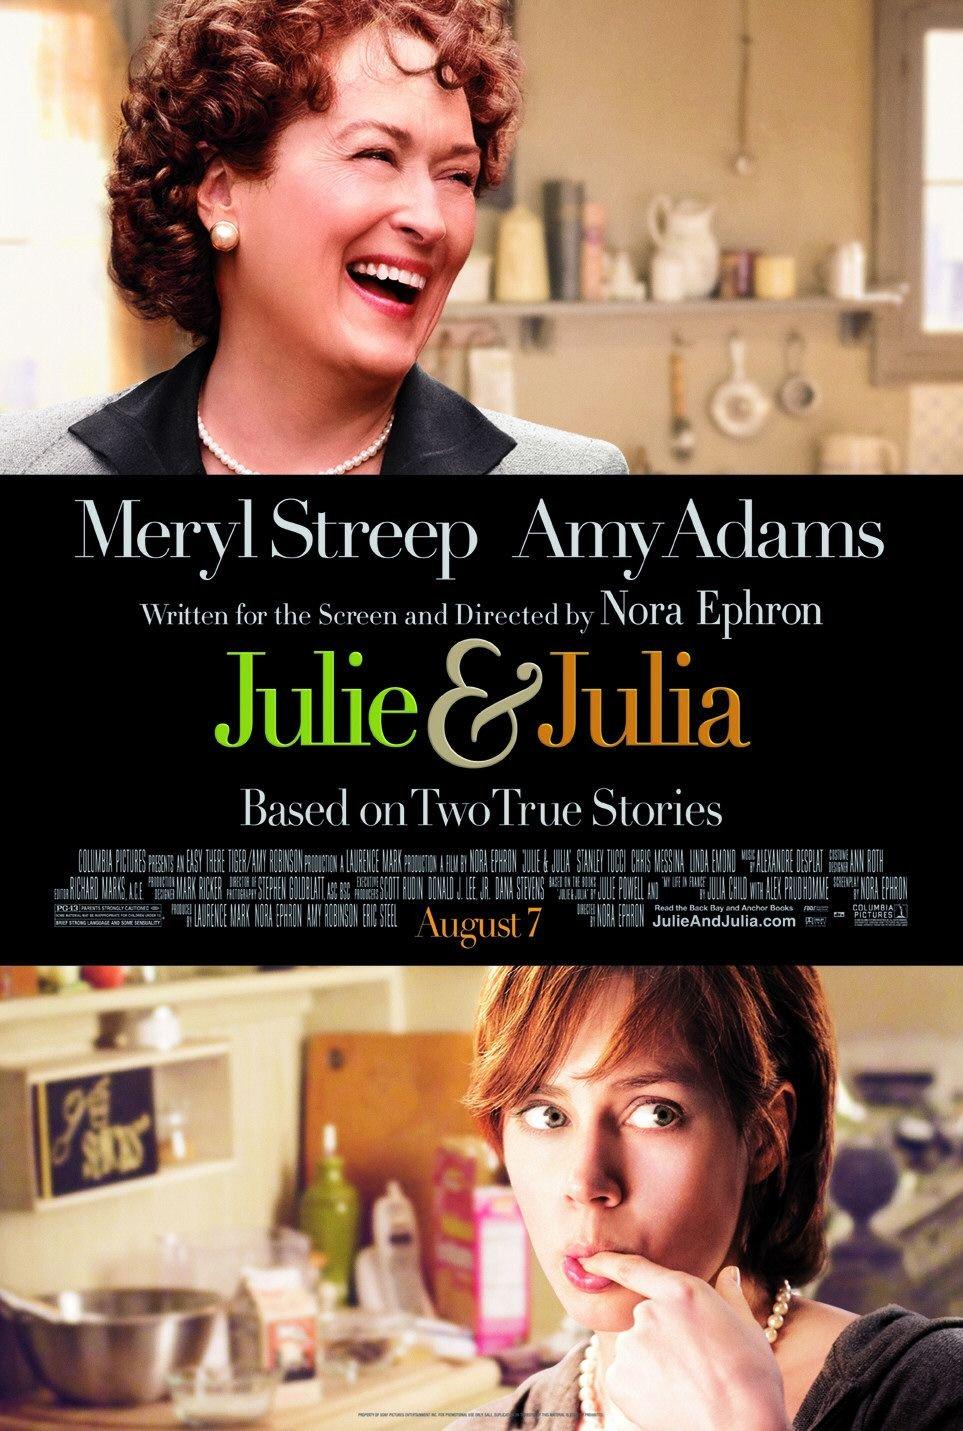 Julie & Julia (2009) poster - FreeMoviePosters.net